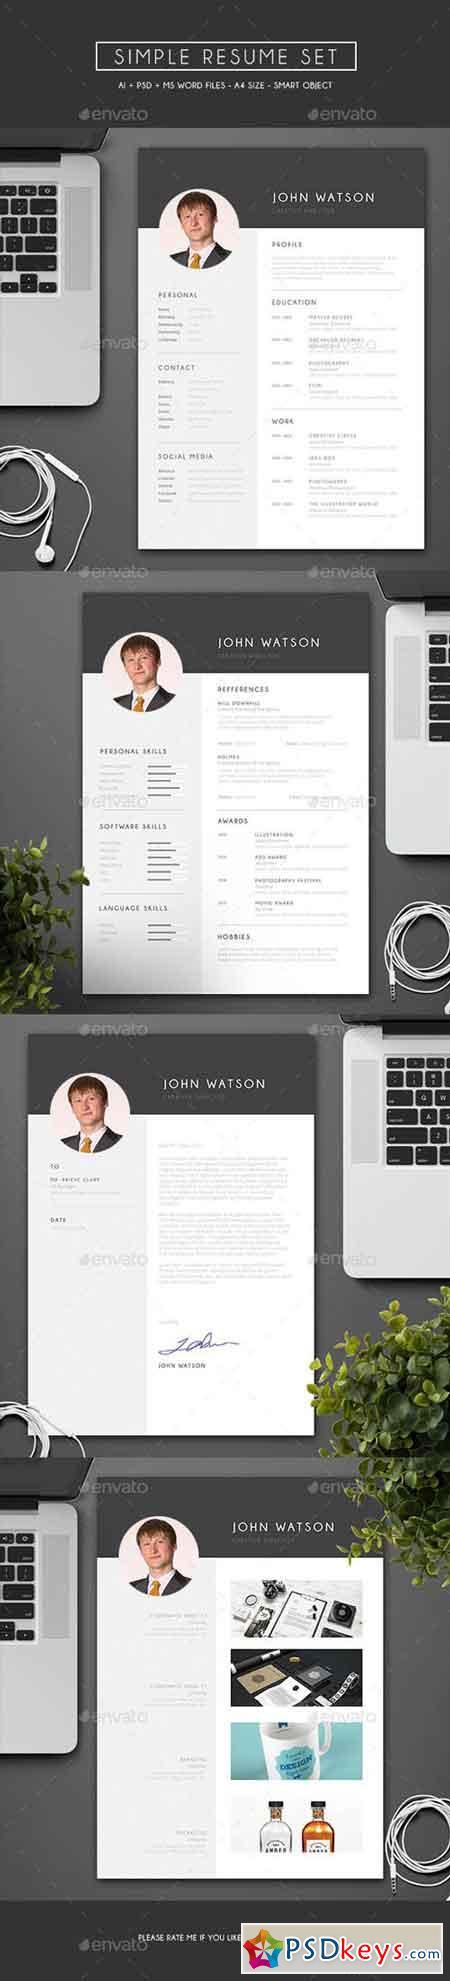 Simple Resume Set 13713856